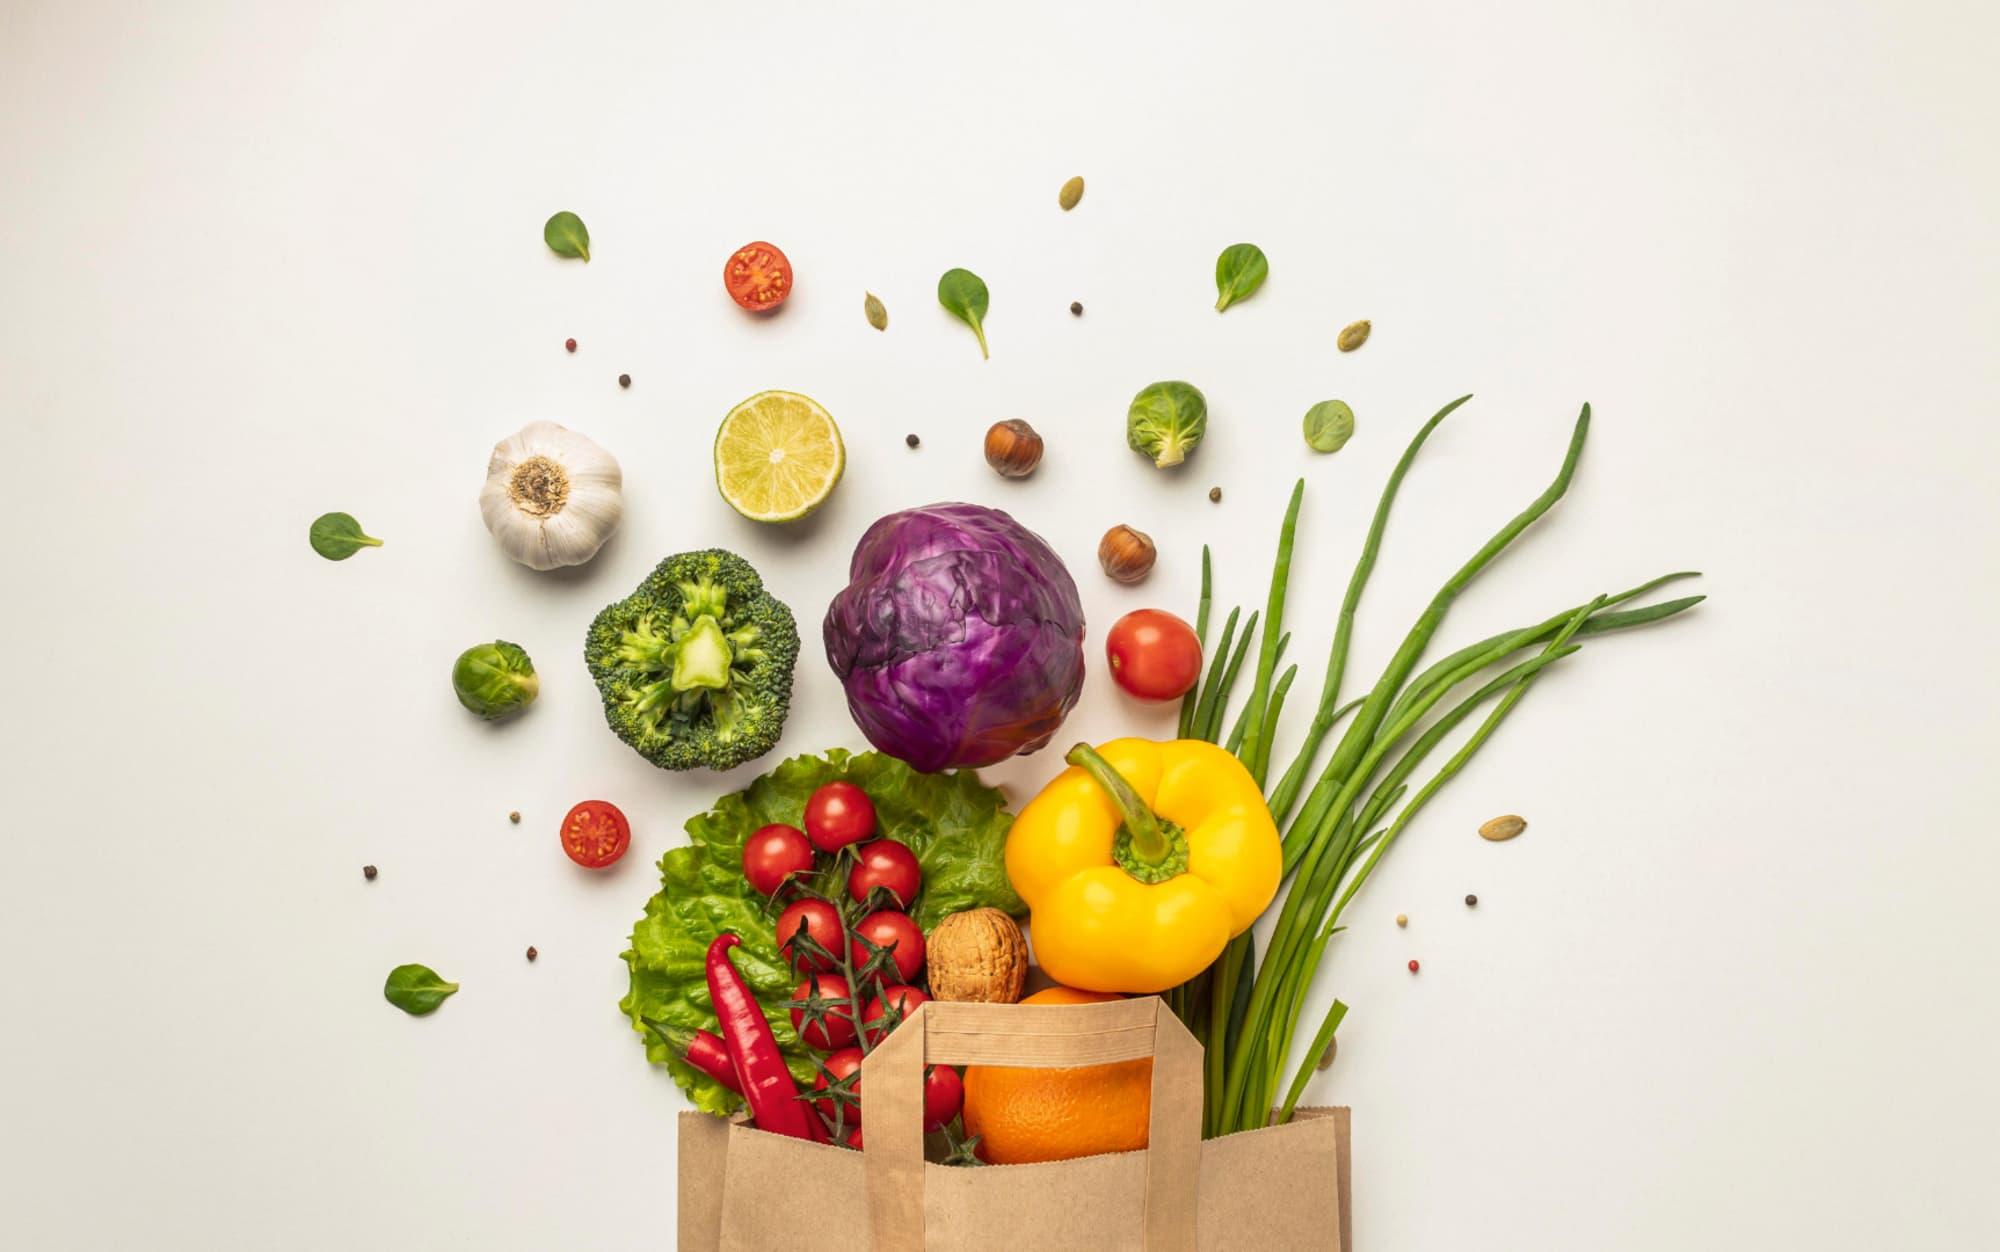 Zeleni korak za zelenu promjenu – kako se zdravije hraniti?